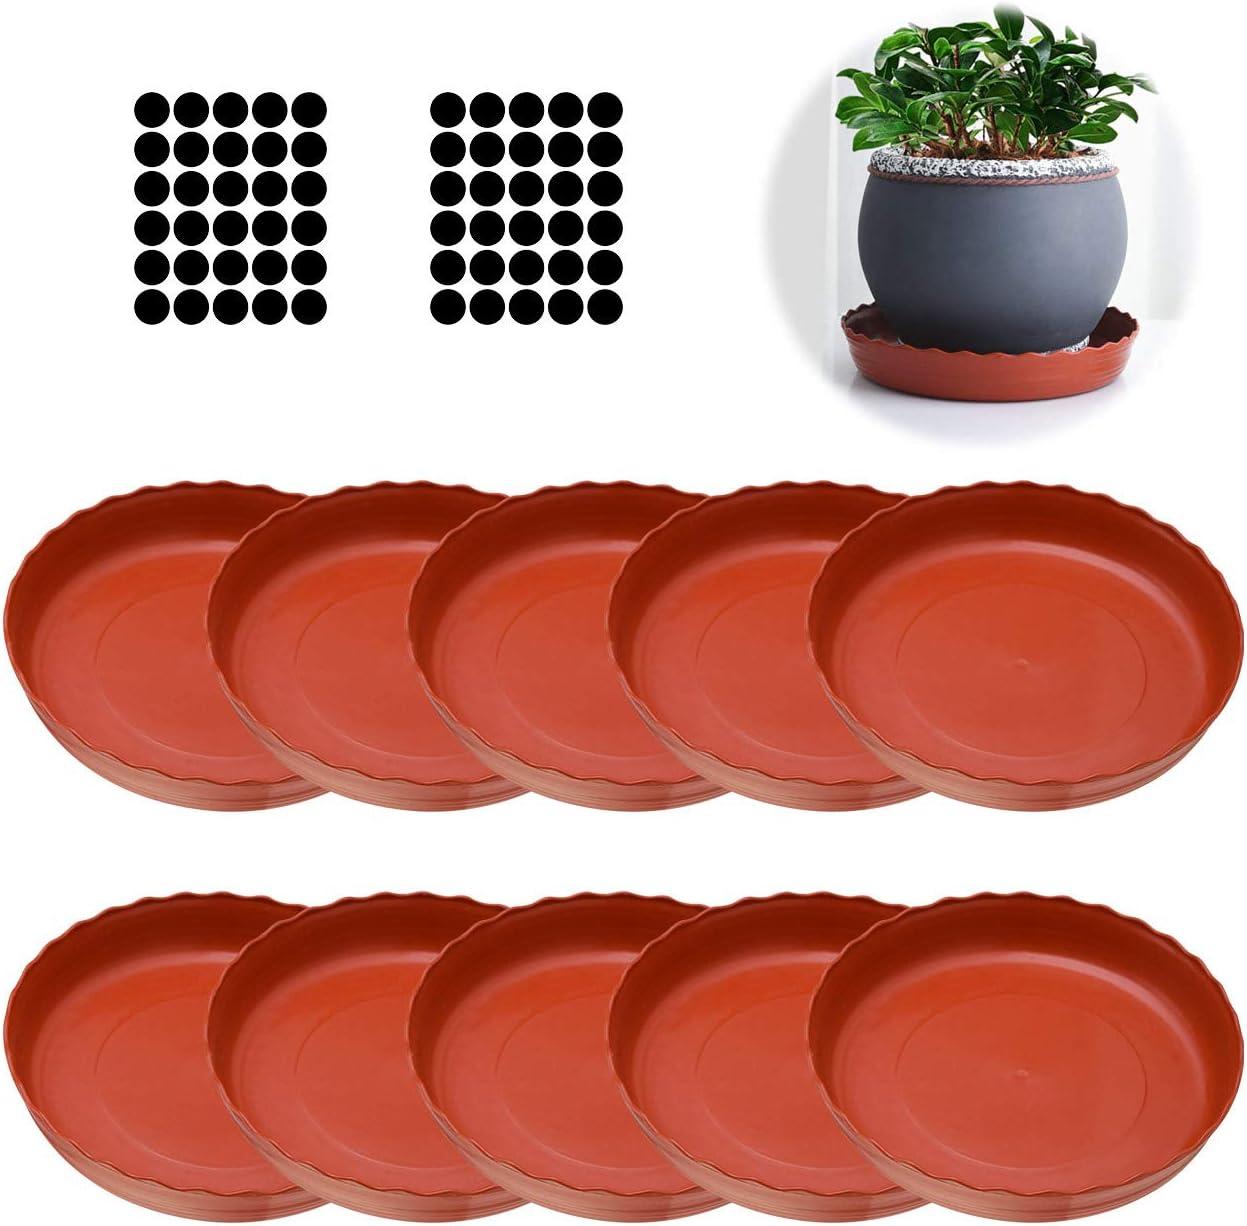 13x 3cm Cizen Soucoupes pour Pots de Fleurs 10pcs Rouge Brique Soucoupe Ronde Pot Soucoupe Plateaux avec 60pcs Coussinets Rehausseurs pour Pots de Fleurs